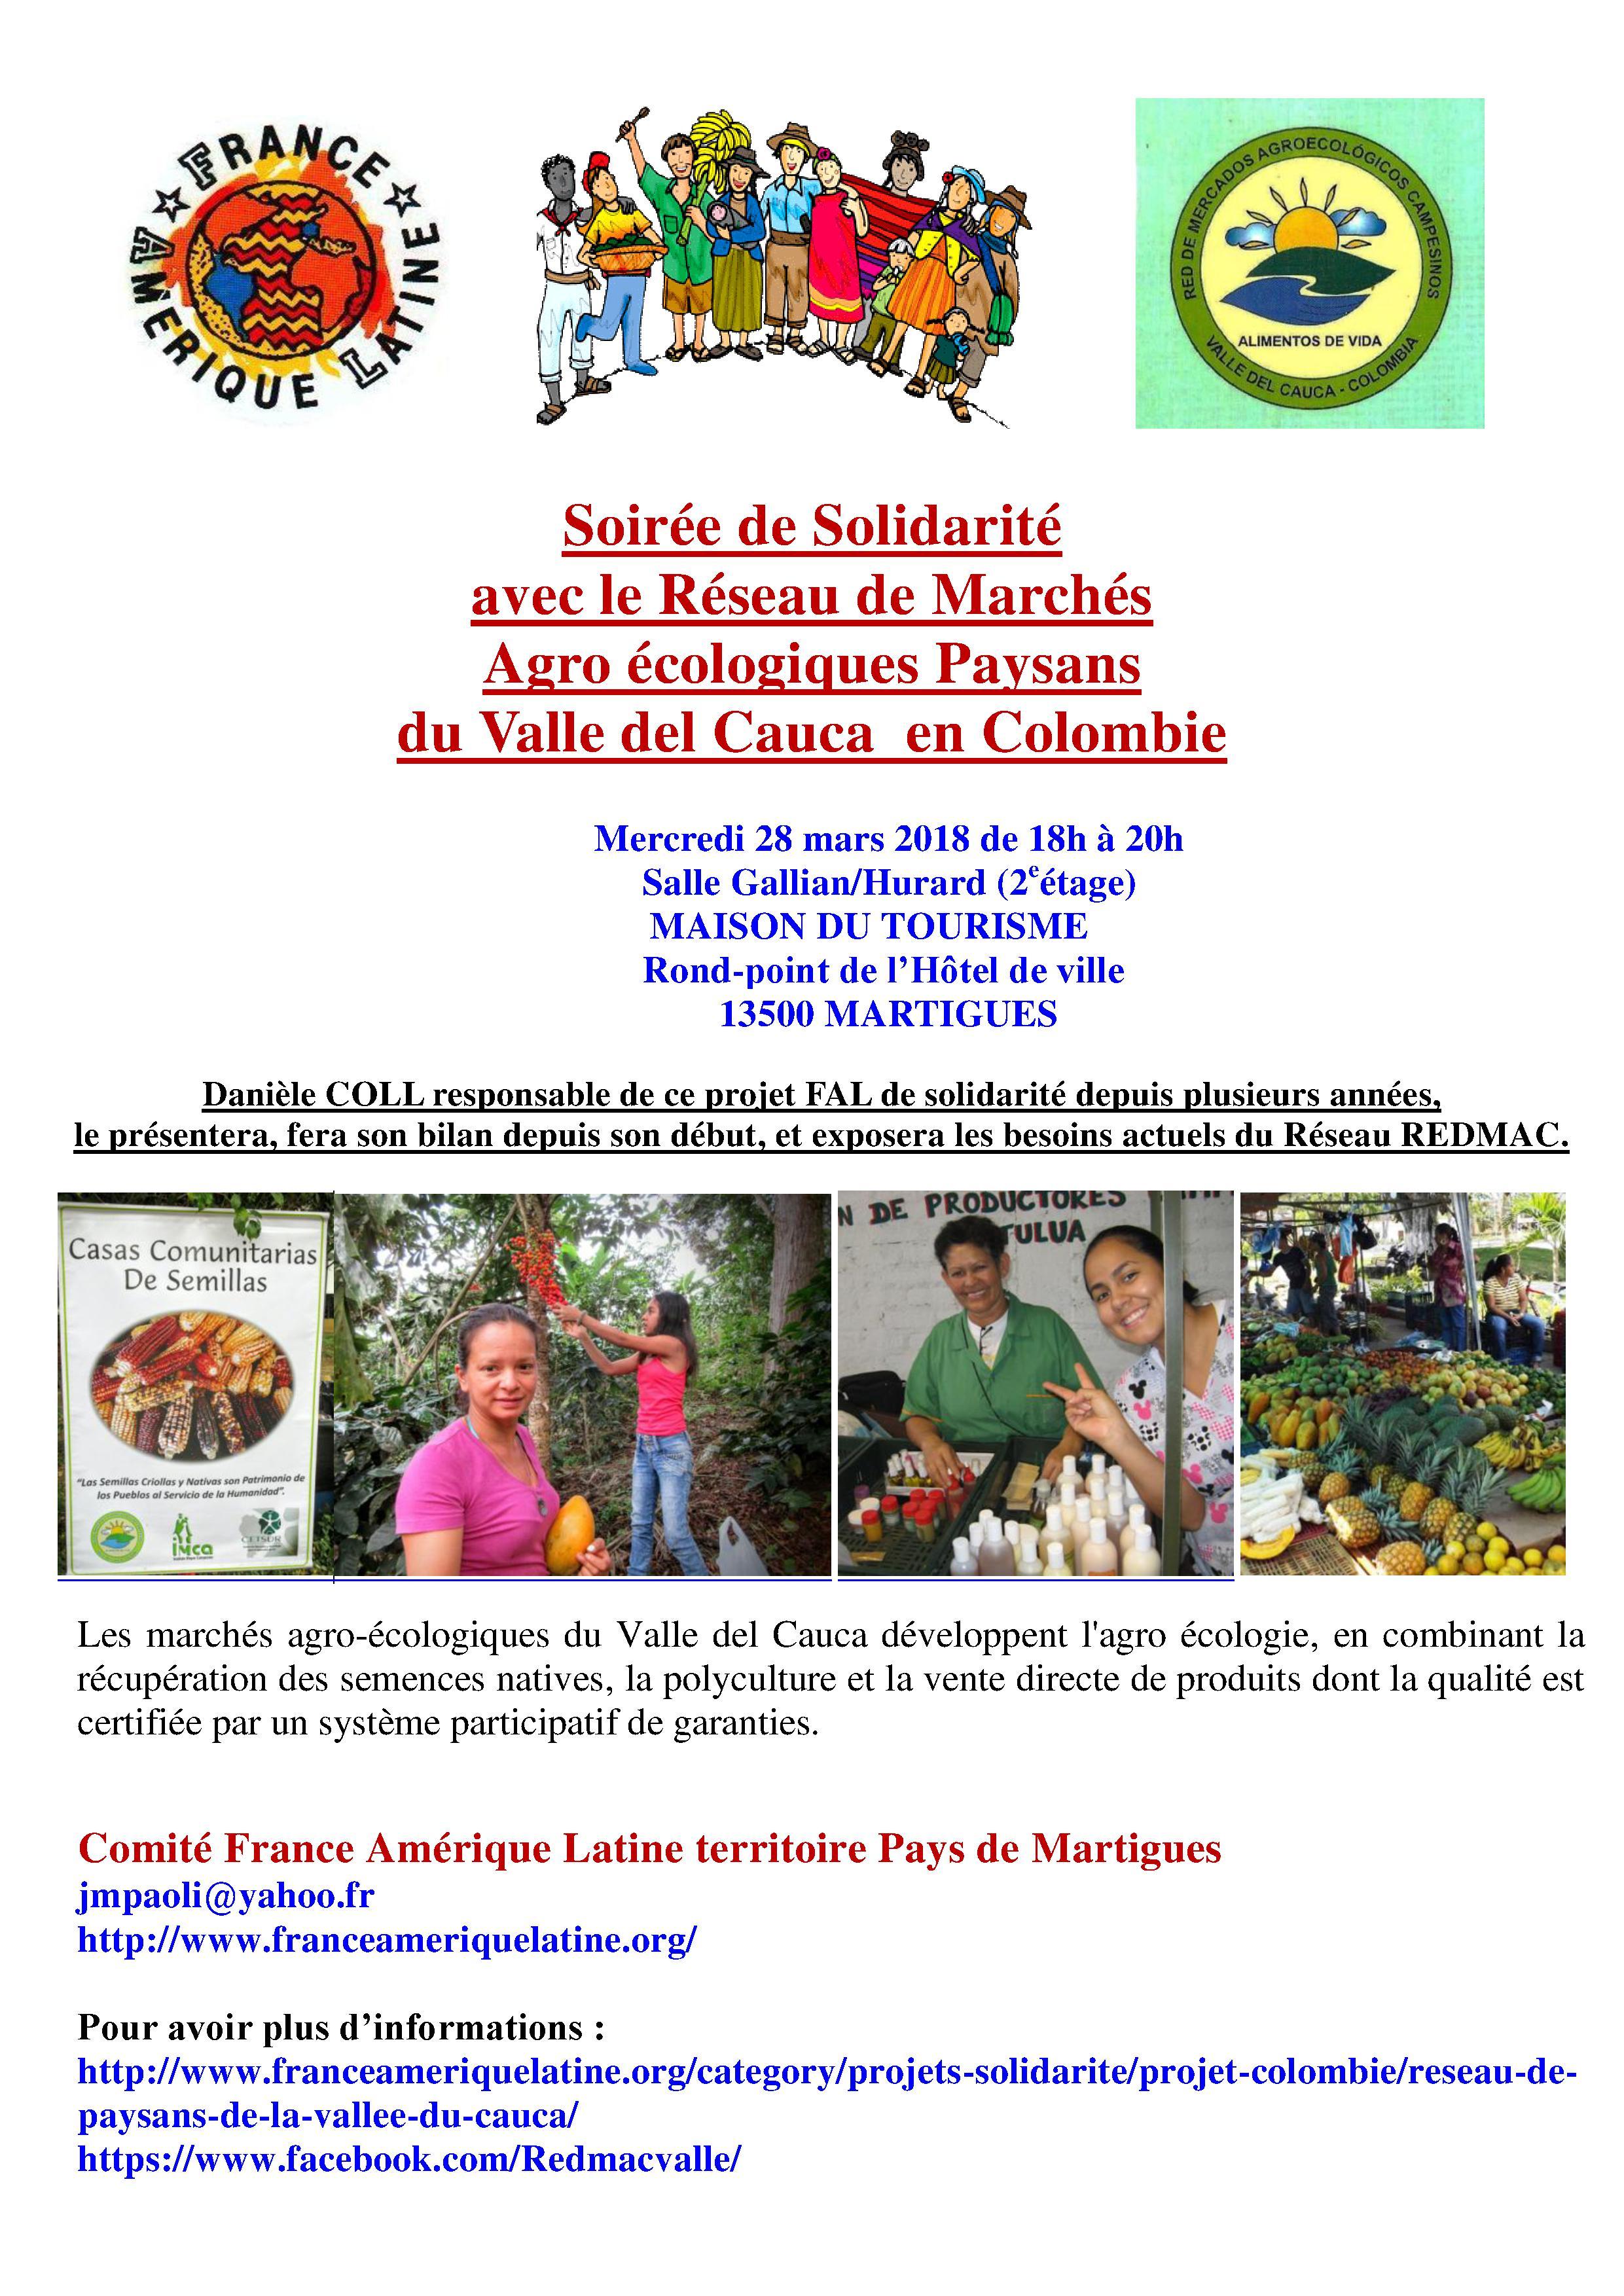 Soirée de Solidarité  avec le Réseau de marchés agro-écologiques paysans  du Valle del Cauca  en Colombie à Martigues